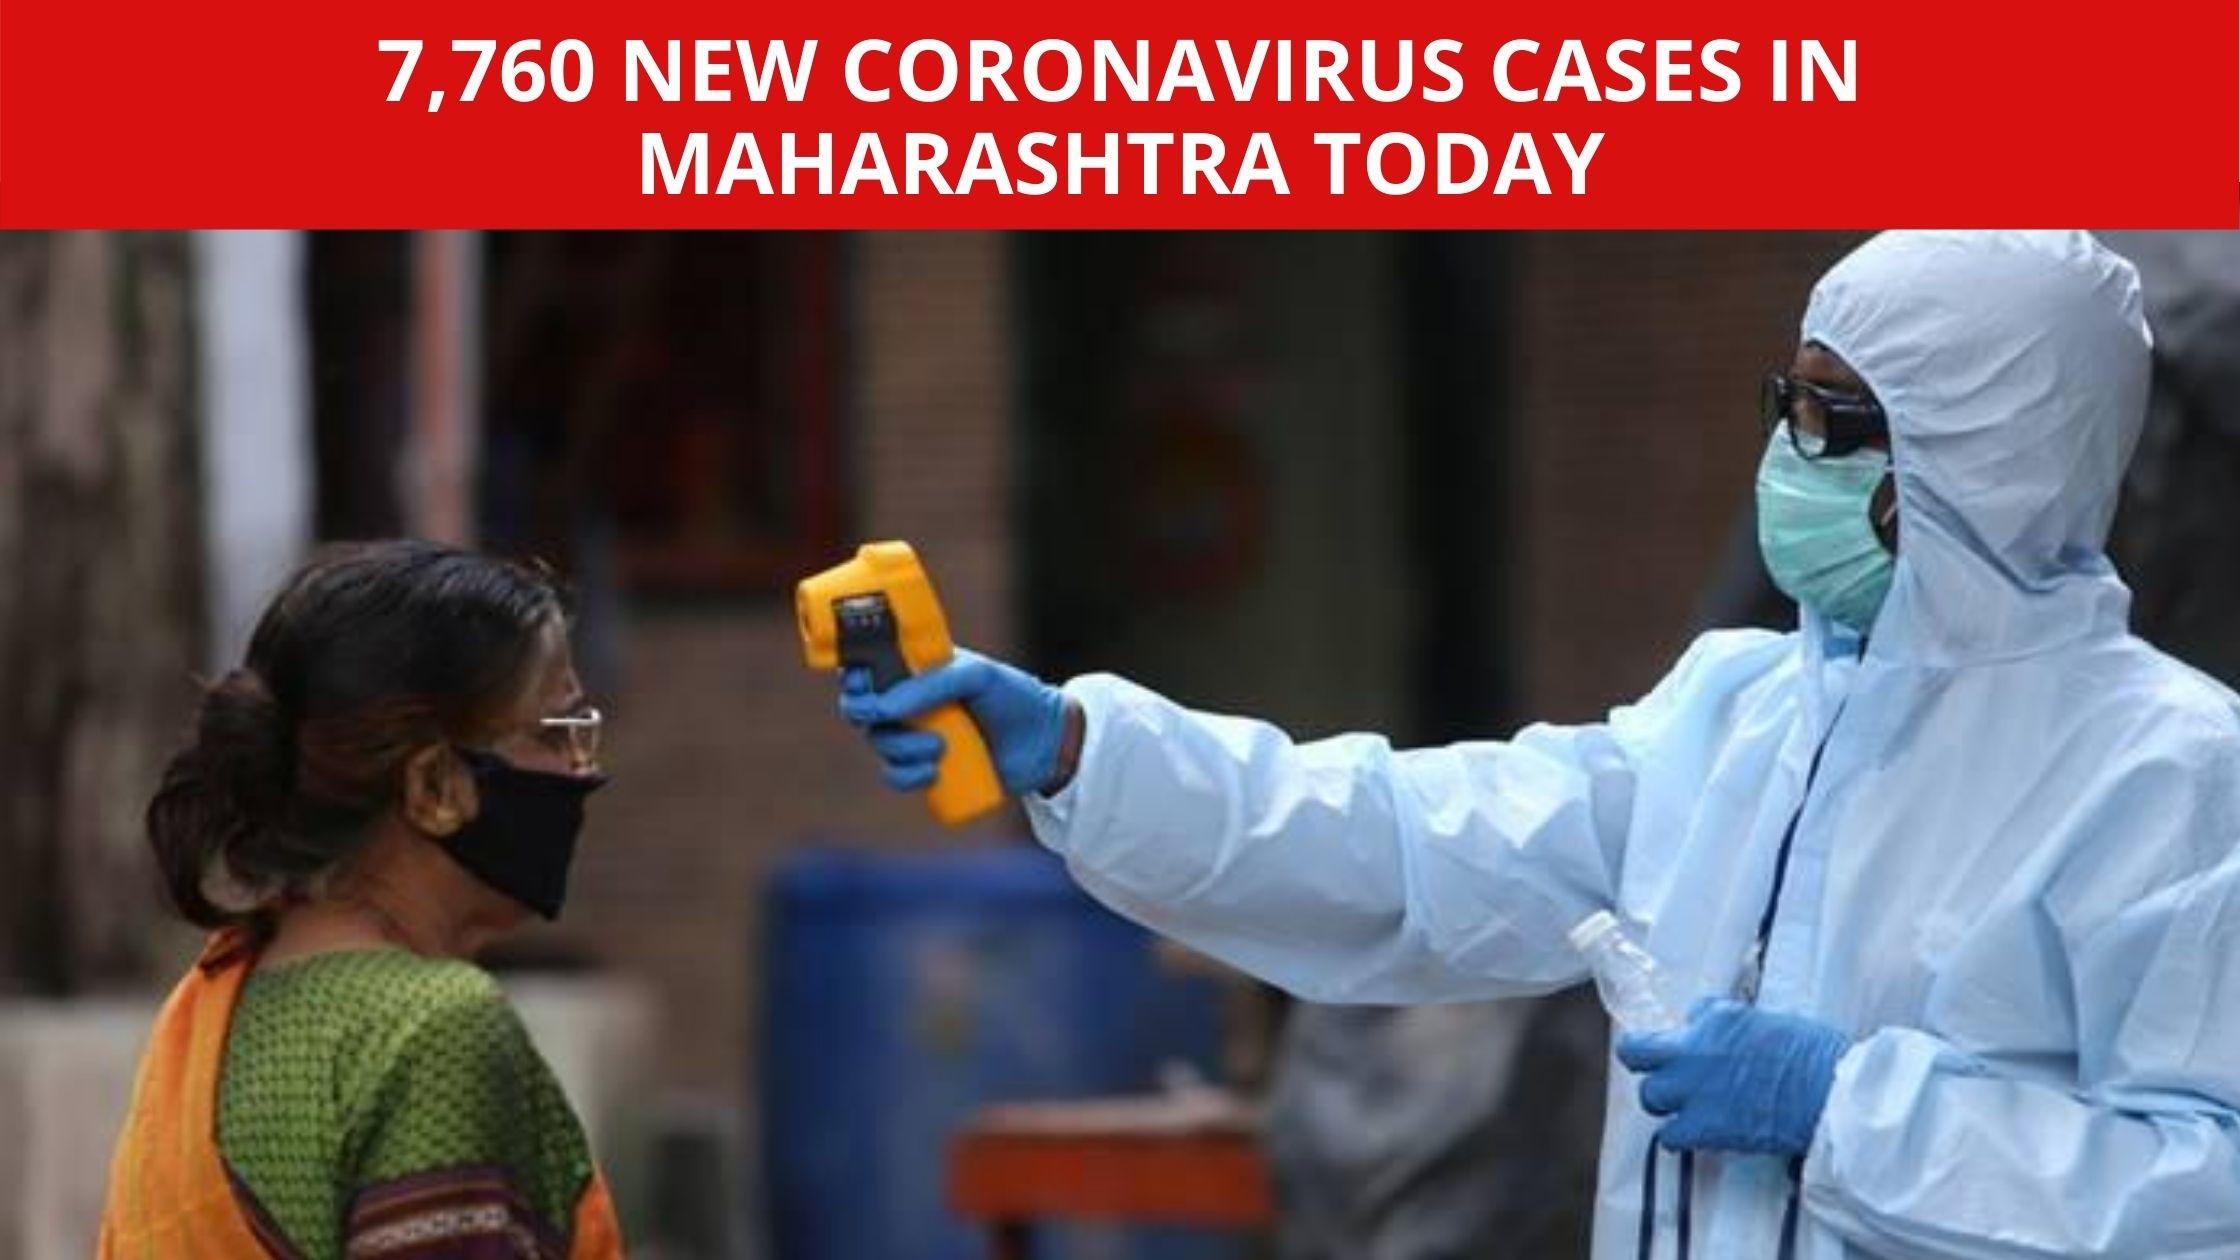 Coronavirus LIVE updates 7760 new Coronavirus cases in Maharashtra today